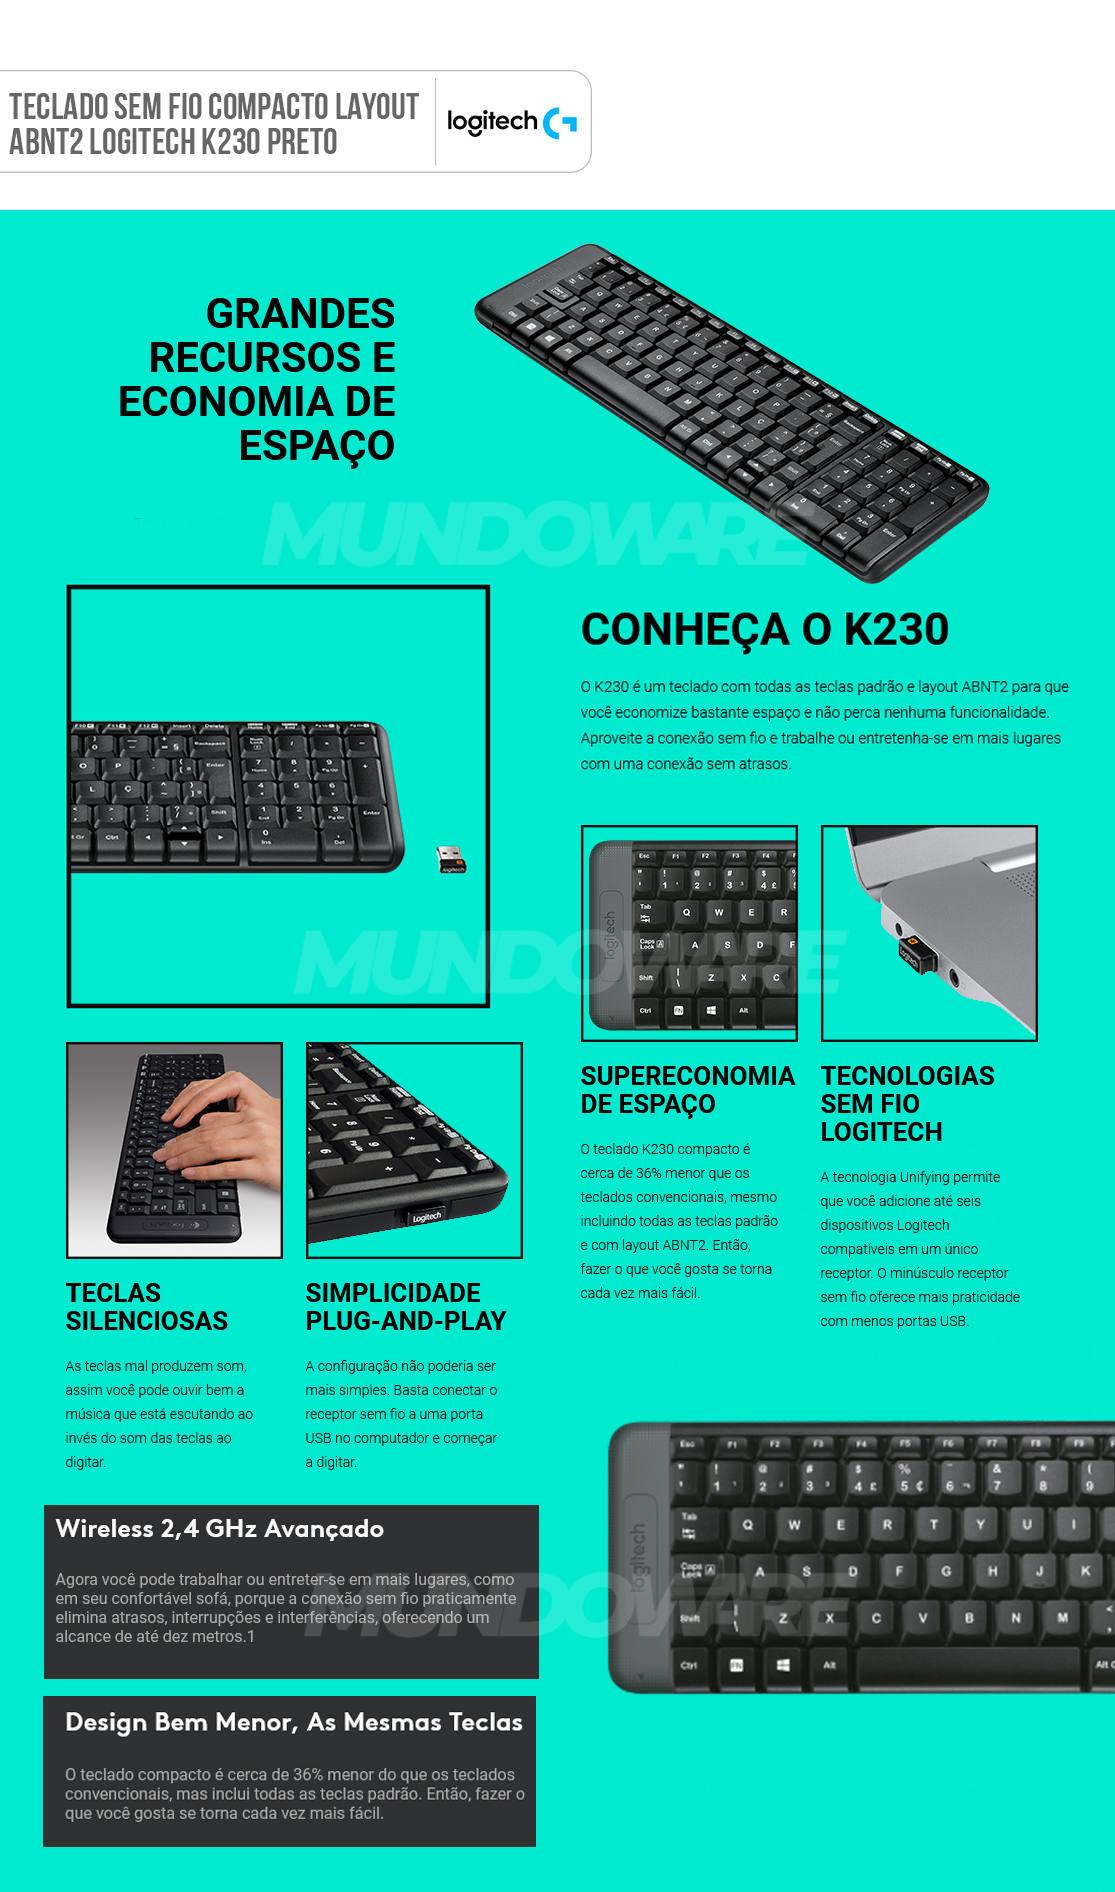 Teclado Pequeno Sem Fio Logitech K230 Compacto Pilhas Inclusas Layout ABNT2 920-004425